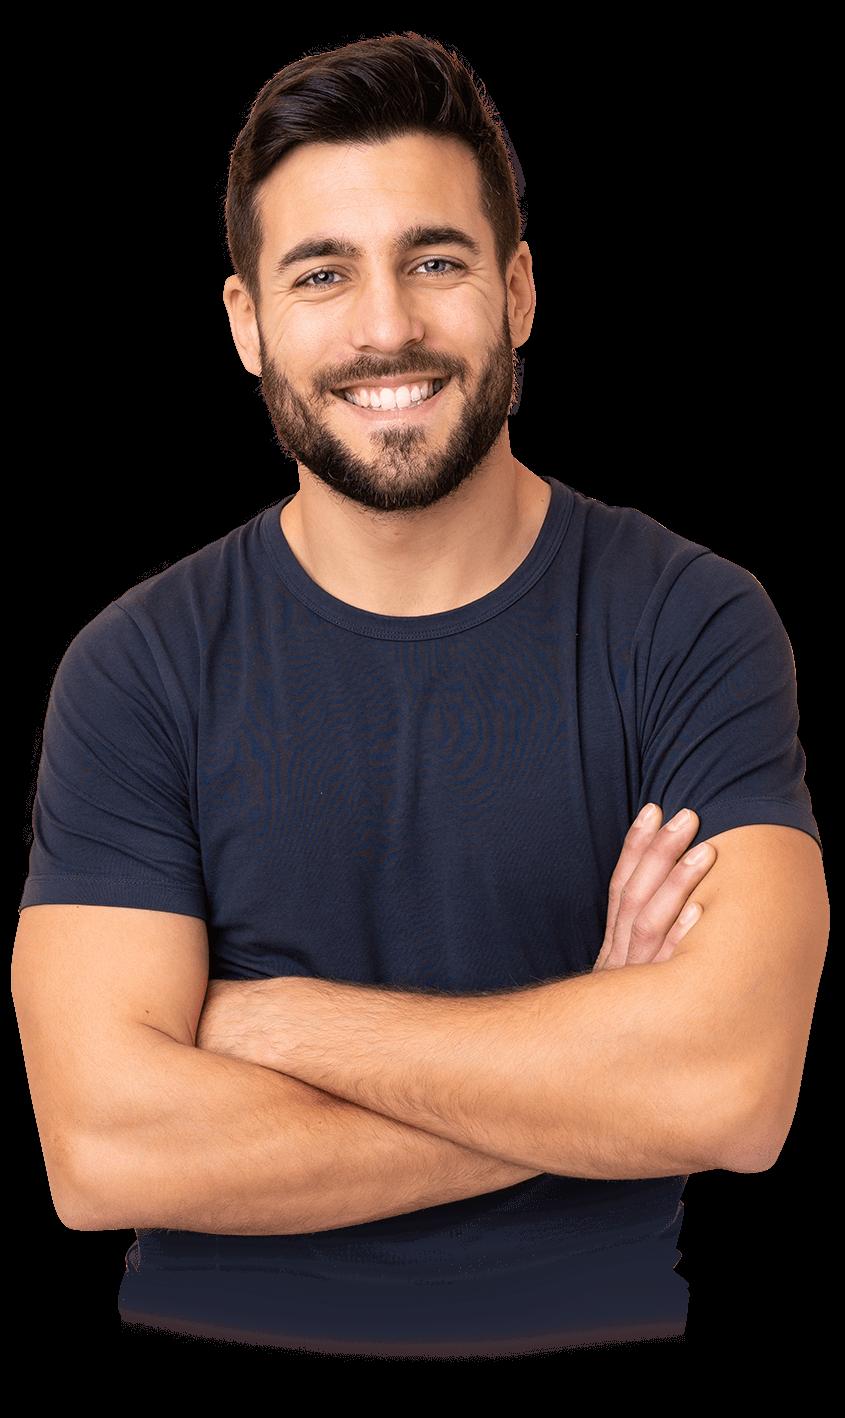 qualify missouri medical marijuana card smile guy